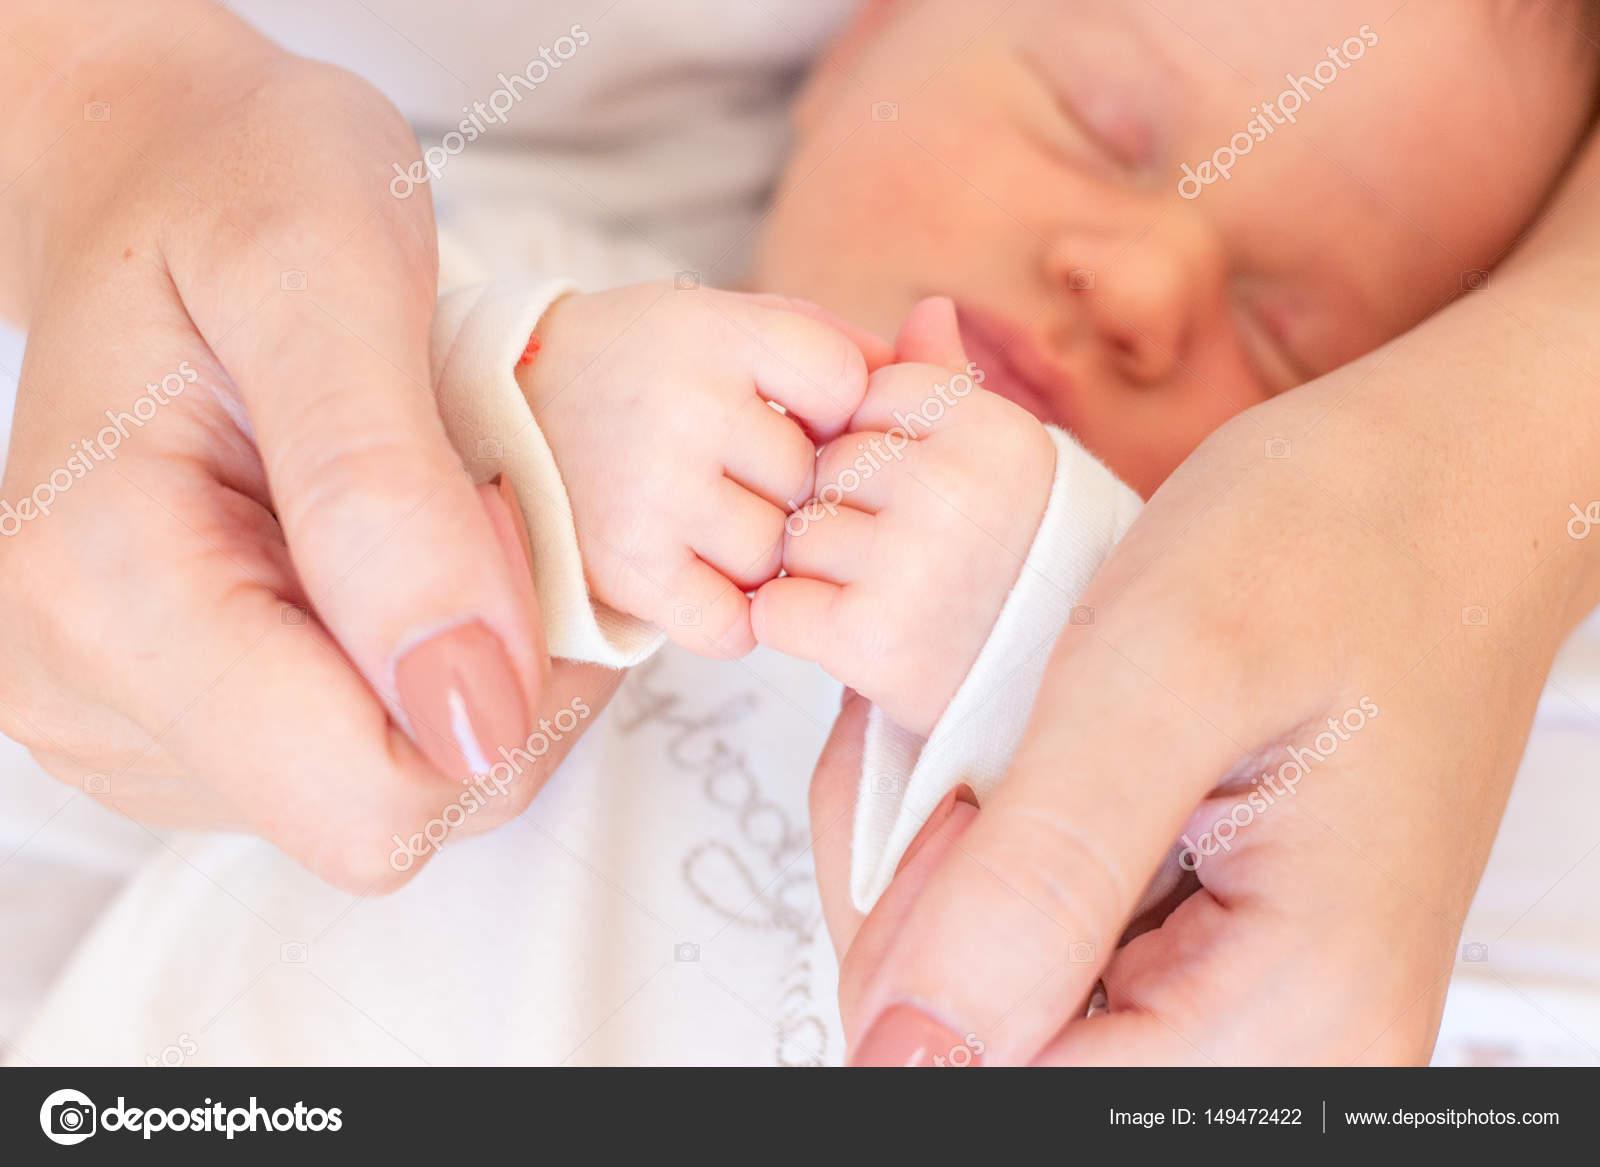 Фото дети ручки ножки мама